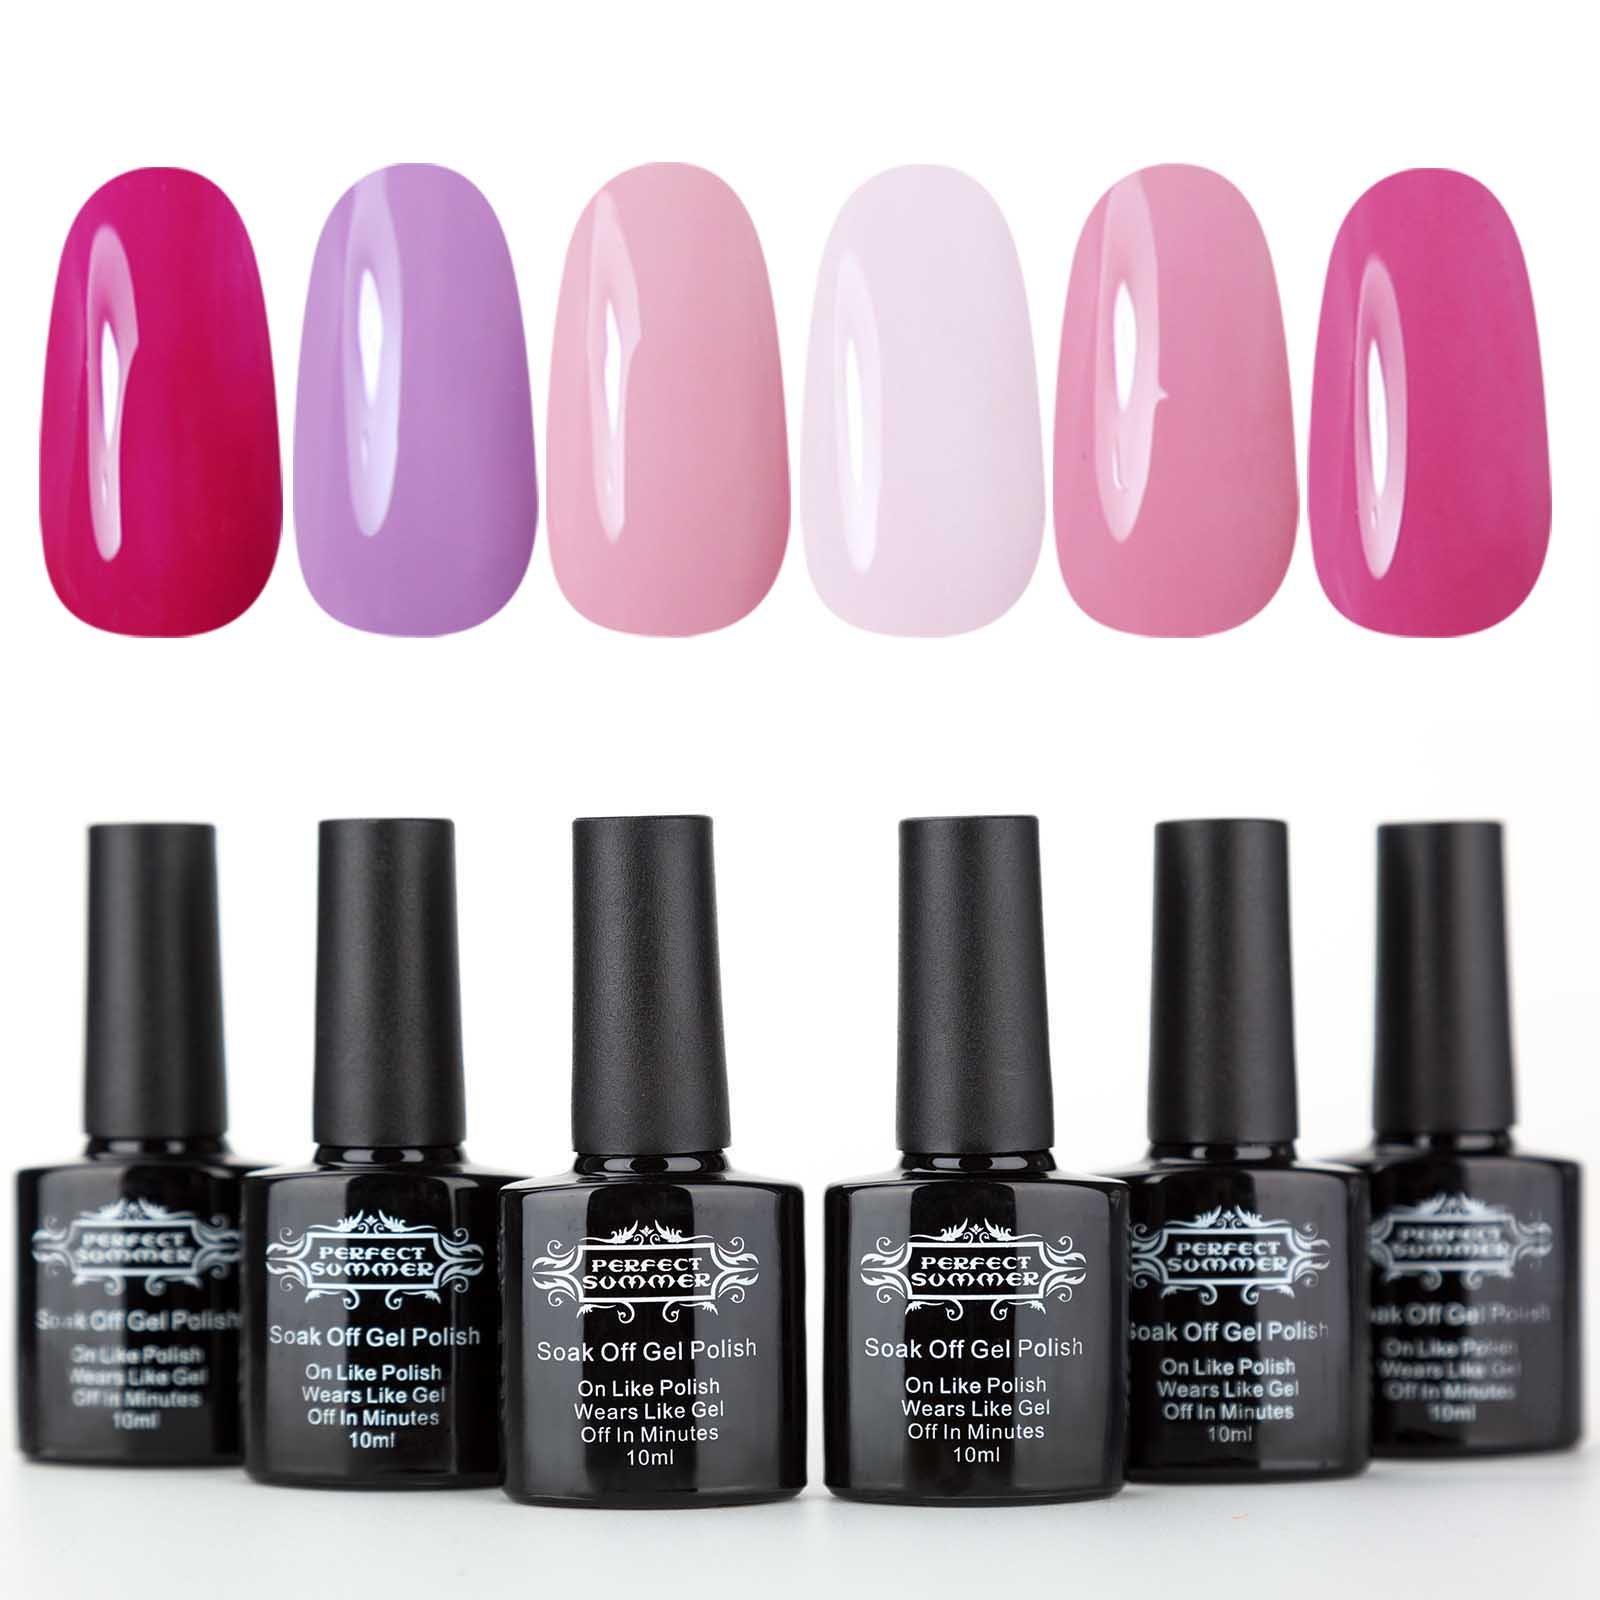 Perfect Summer Pink Gel Nail Polish Kit - UV LED Soak Off Nail Polish, Starter Kit,10ml each #09 by Perfect Summer